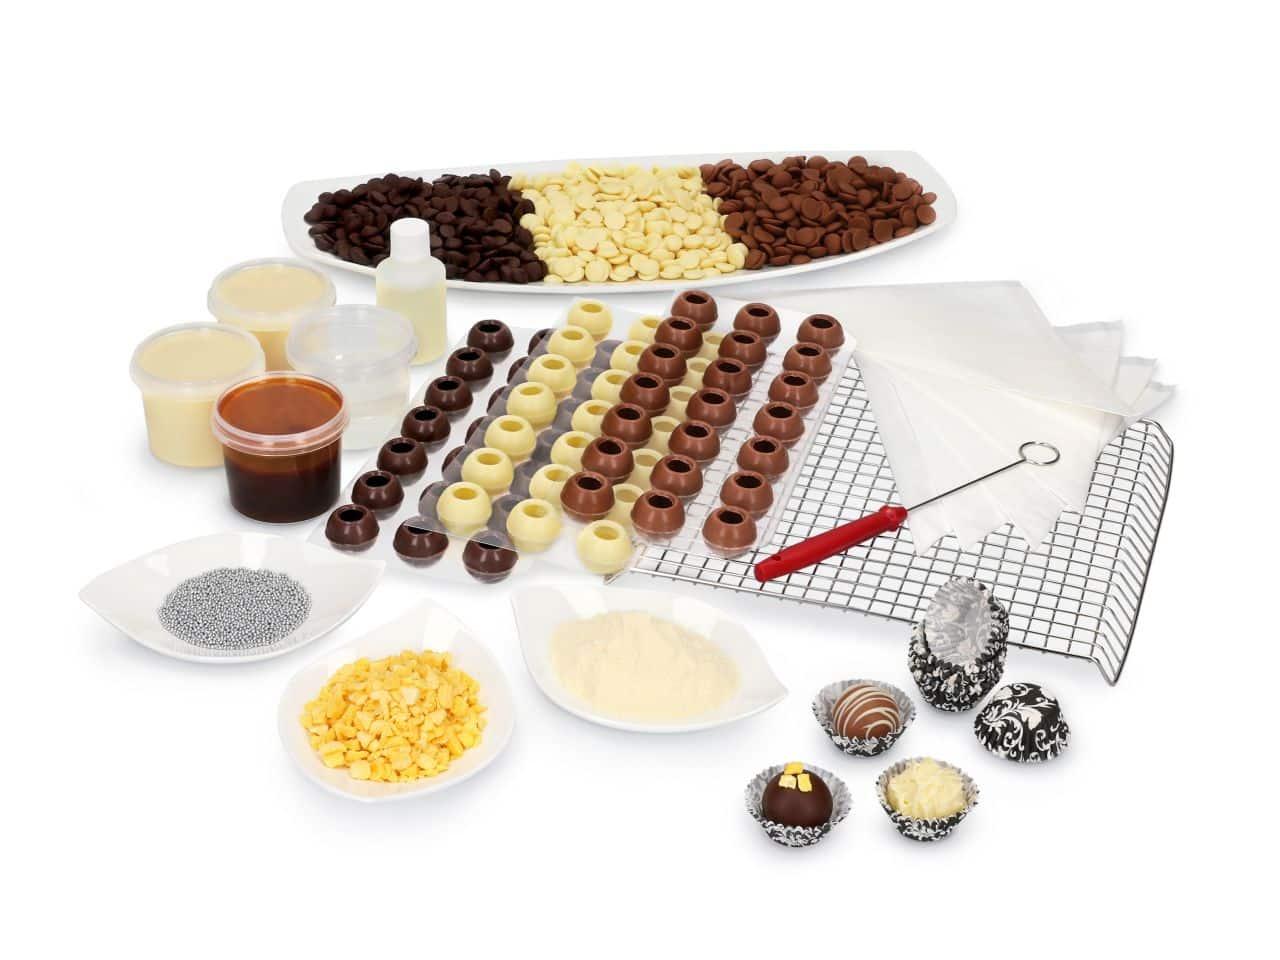 Pralinenset zum Start in die Pralinenproduktion V01